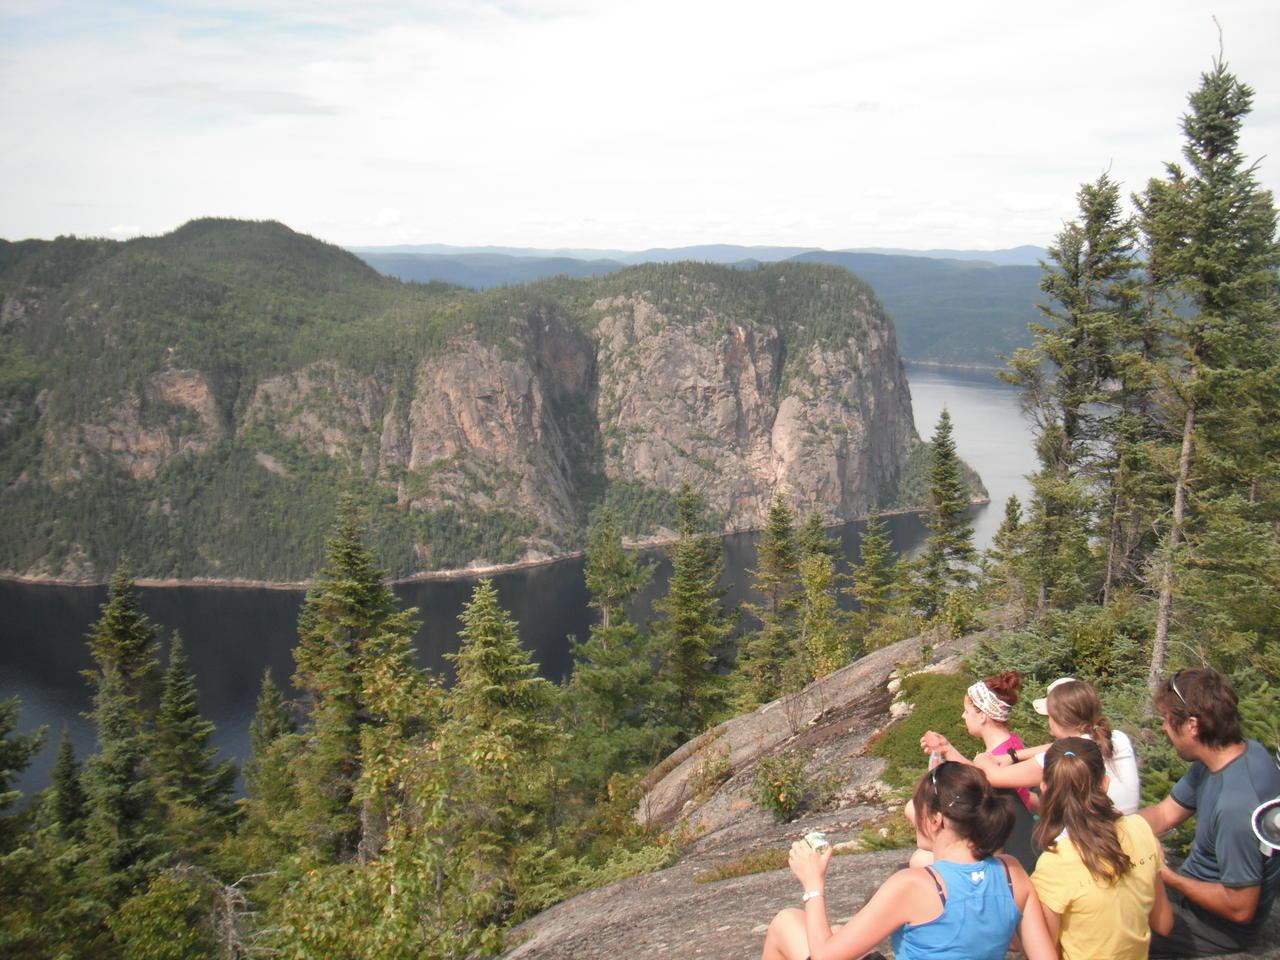 Point de vue du Géant, Parc National du Fjord du Saguenay, kayak, fondue, rando